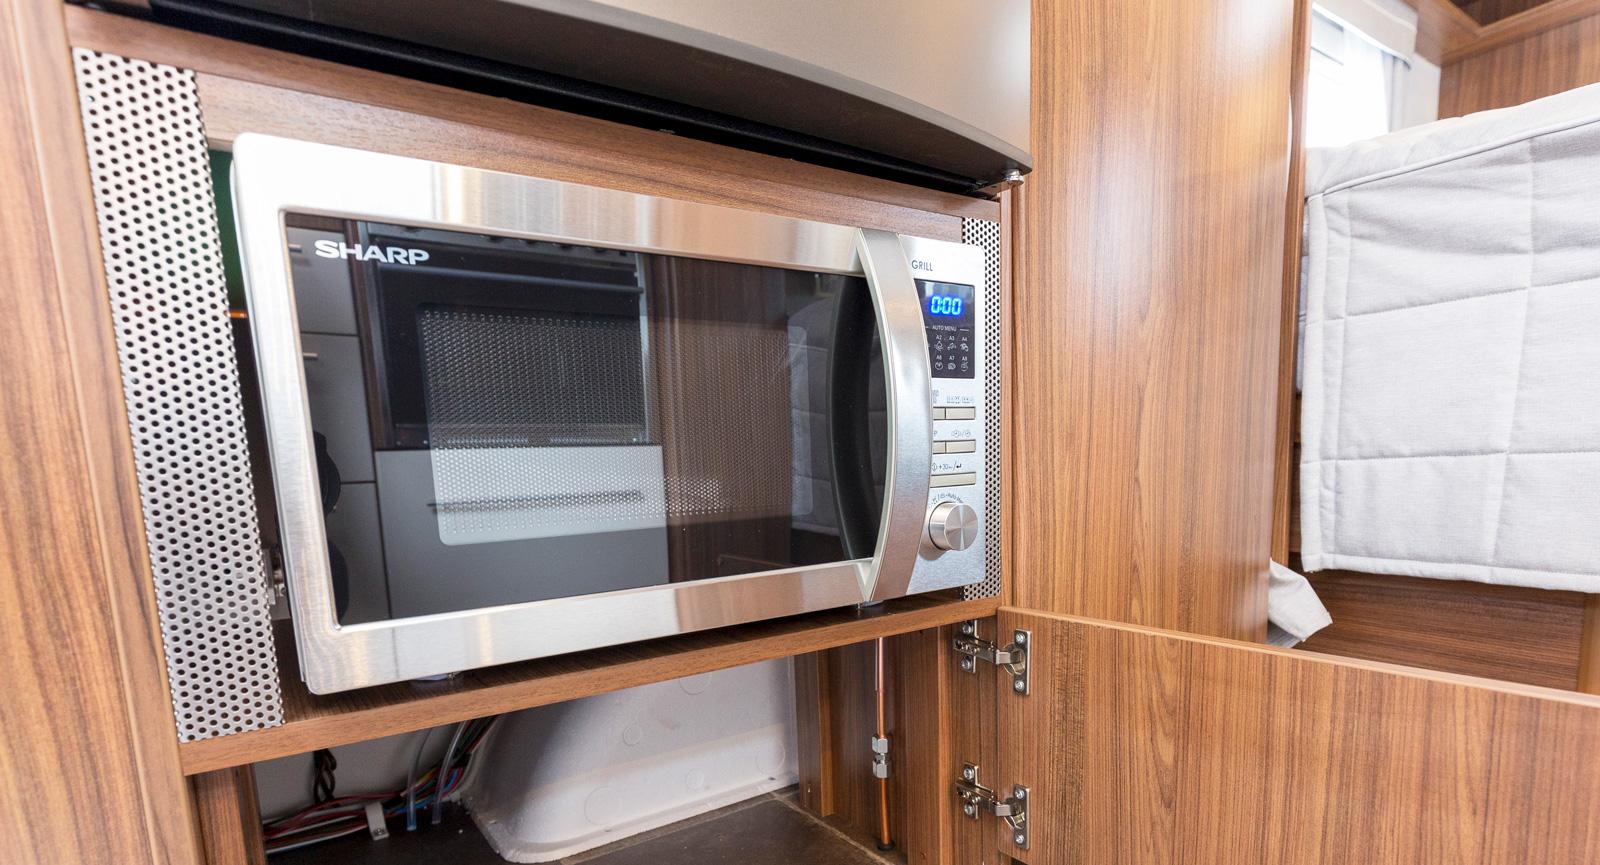 I Selected-utförandet ingår bland annat större kylskåp, mikro, lyxigare bordsskiva, fönster i entrédörren, högtalare bak, handdukstork mm.